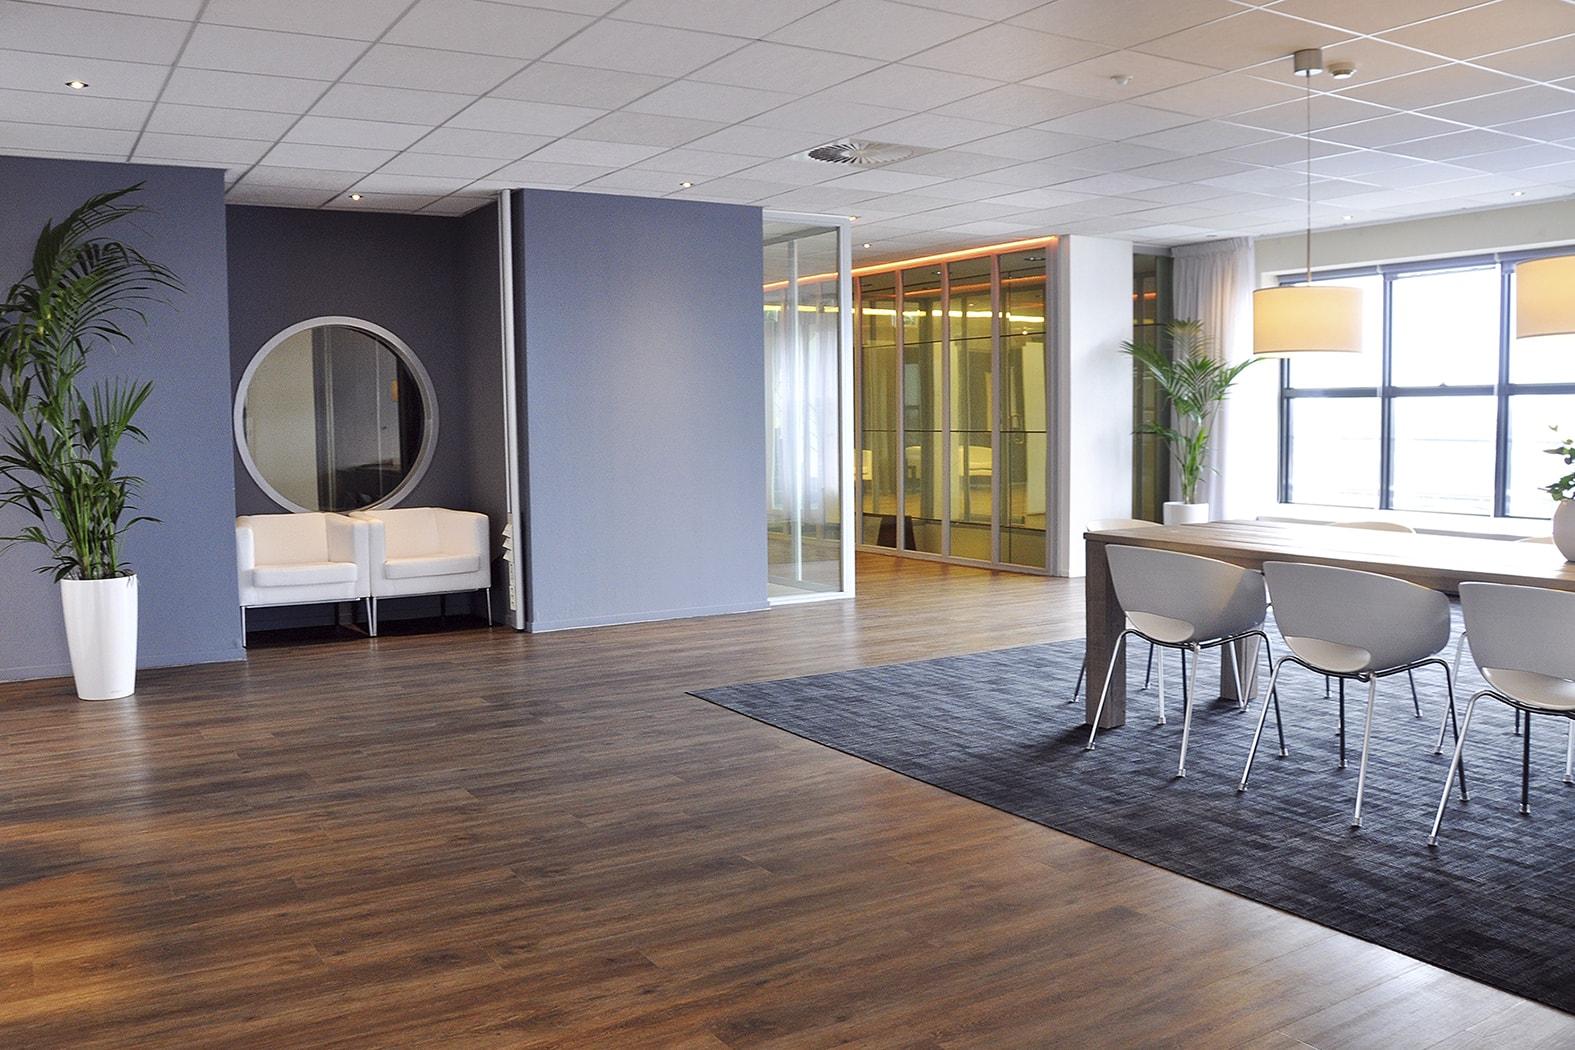 Kantoorruimte huren in Aalsmeer   Crown Business Center Aalsmeer